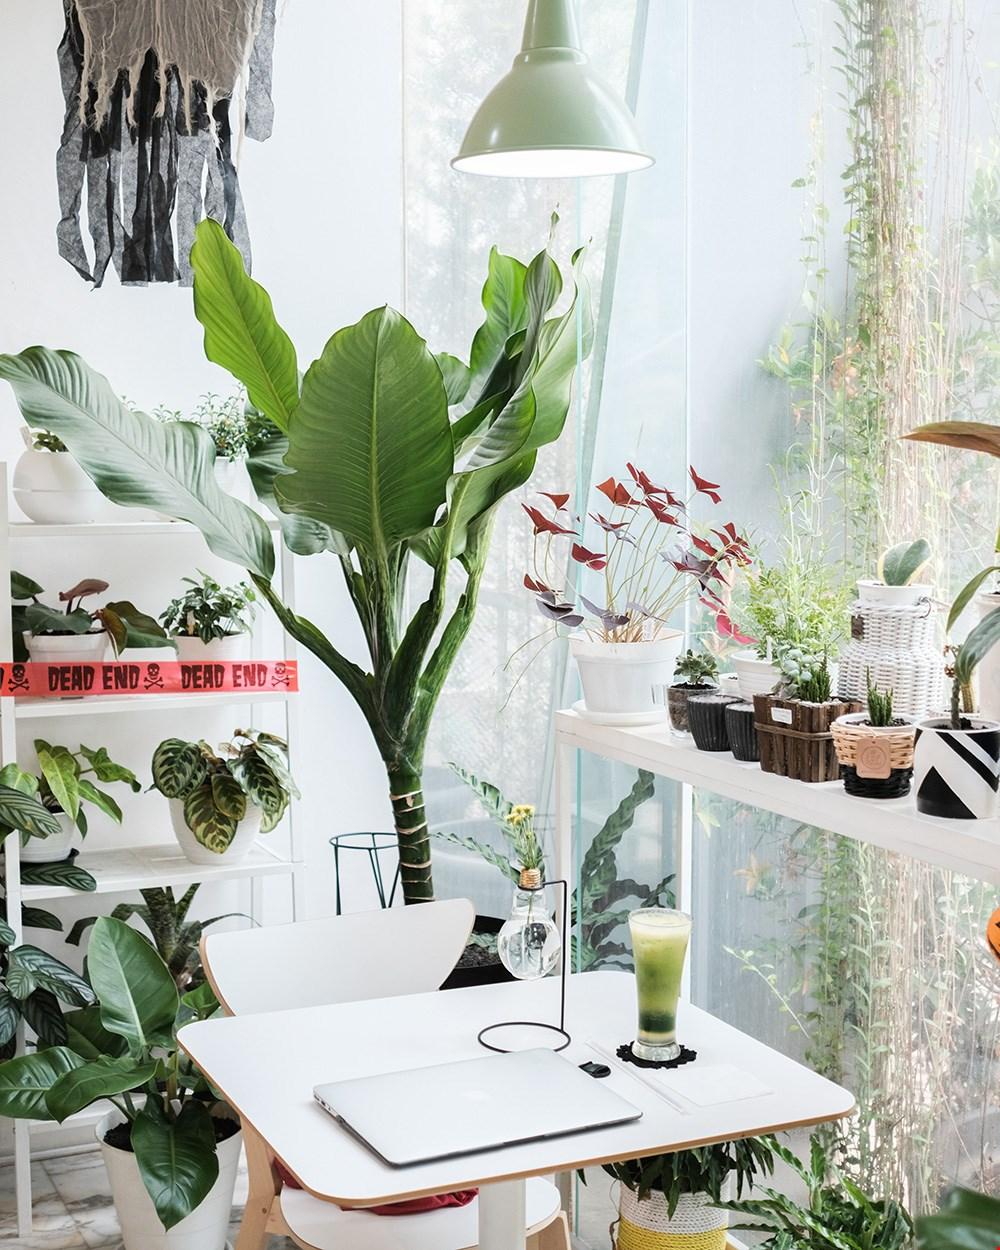 Een groene oase binnen, maar bescherm je planten goed tegen de zon!